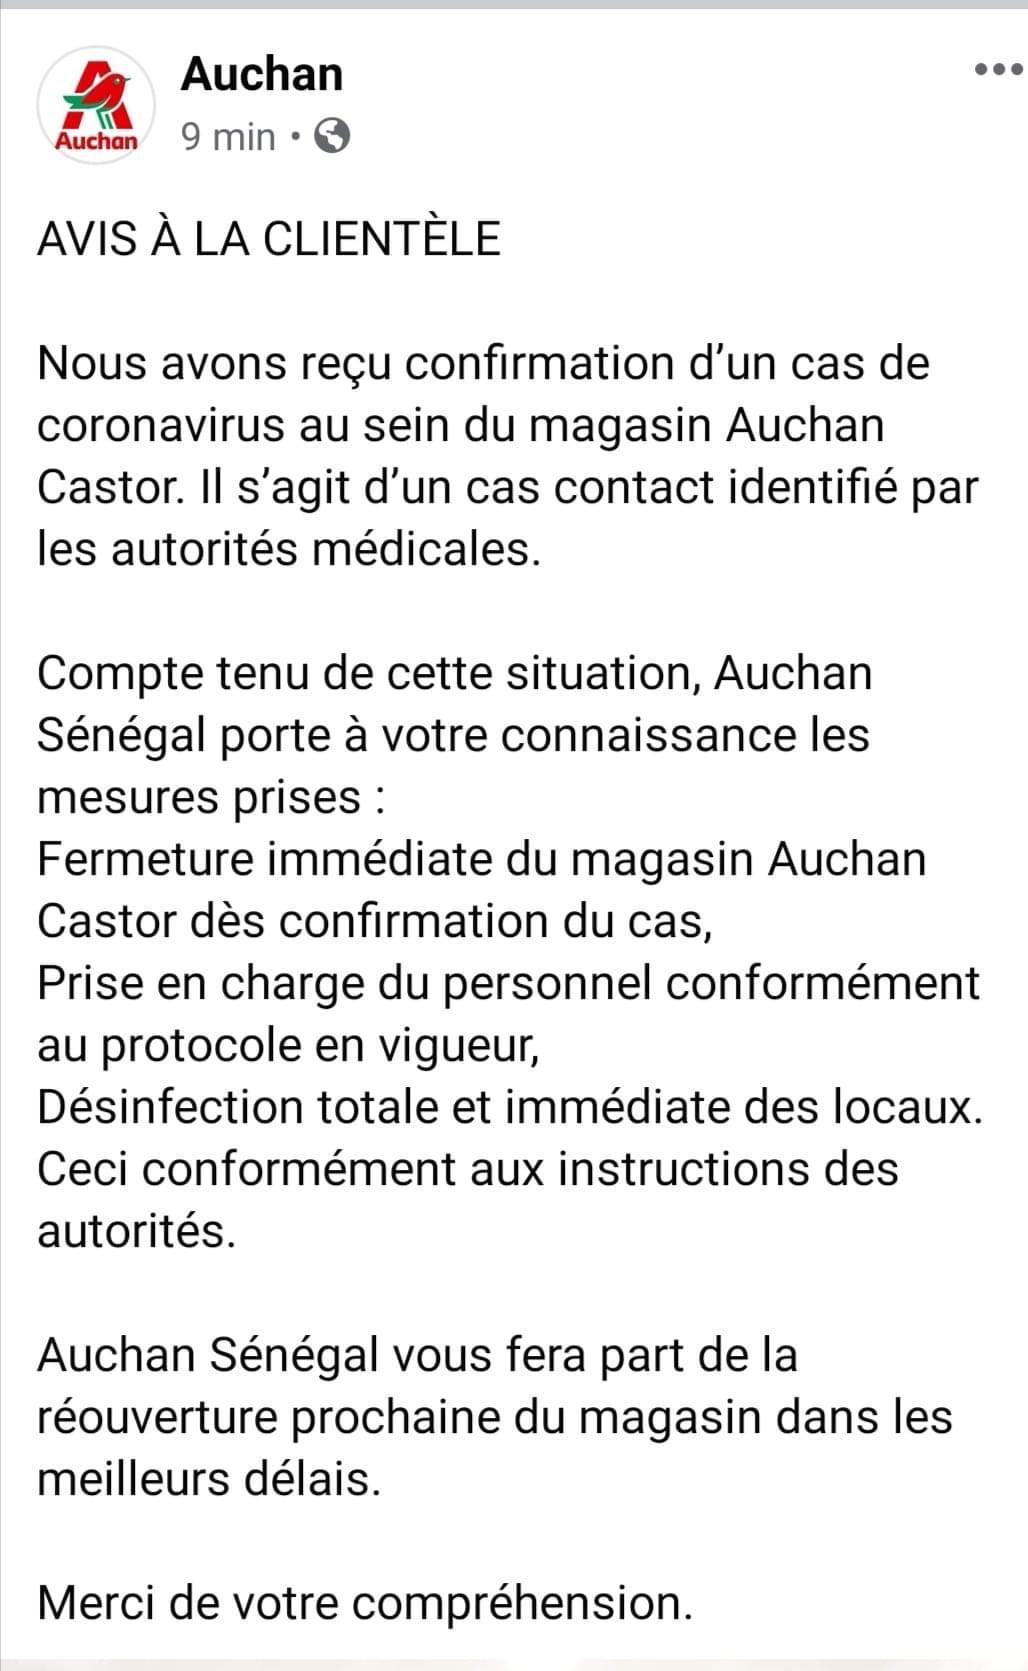 Un employé contaminé : Auchan ferme son magasin à Castor.